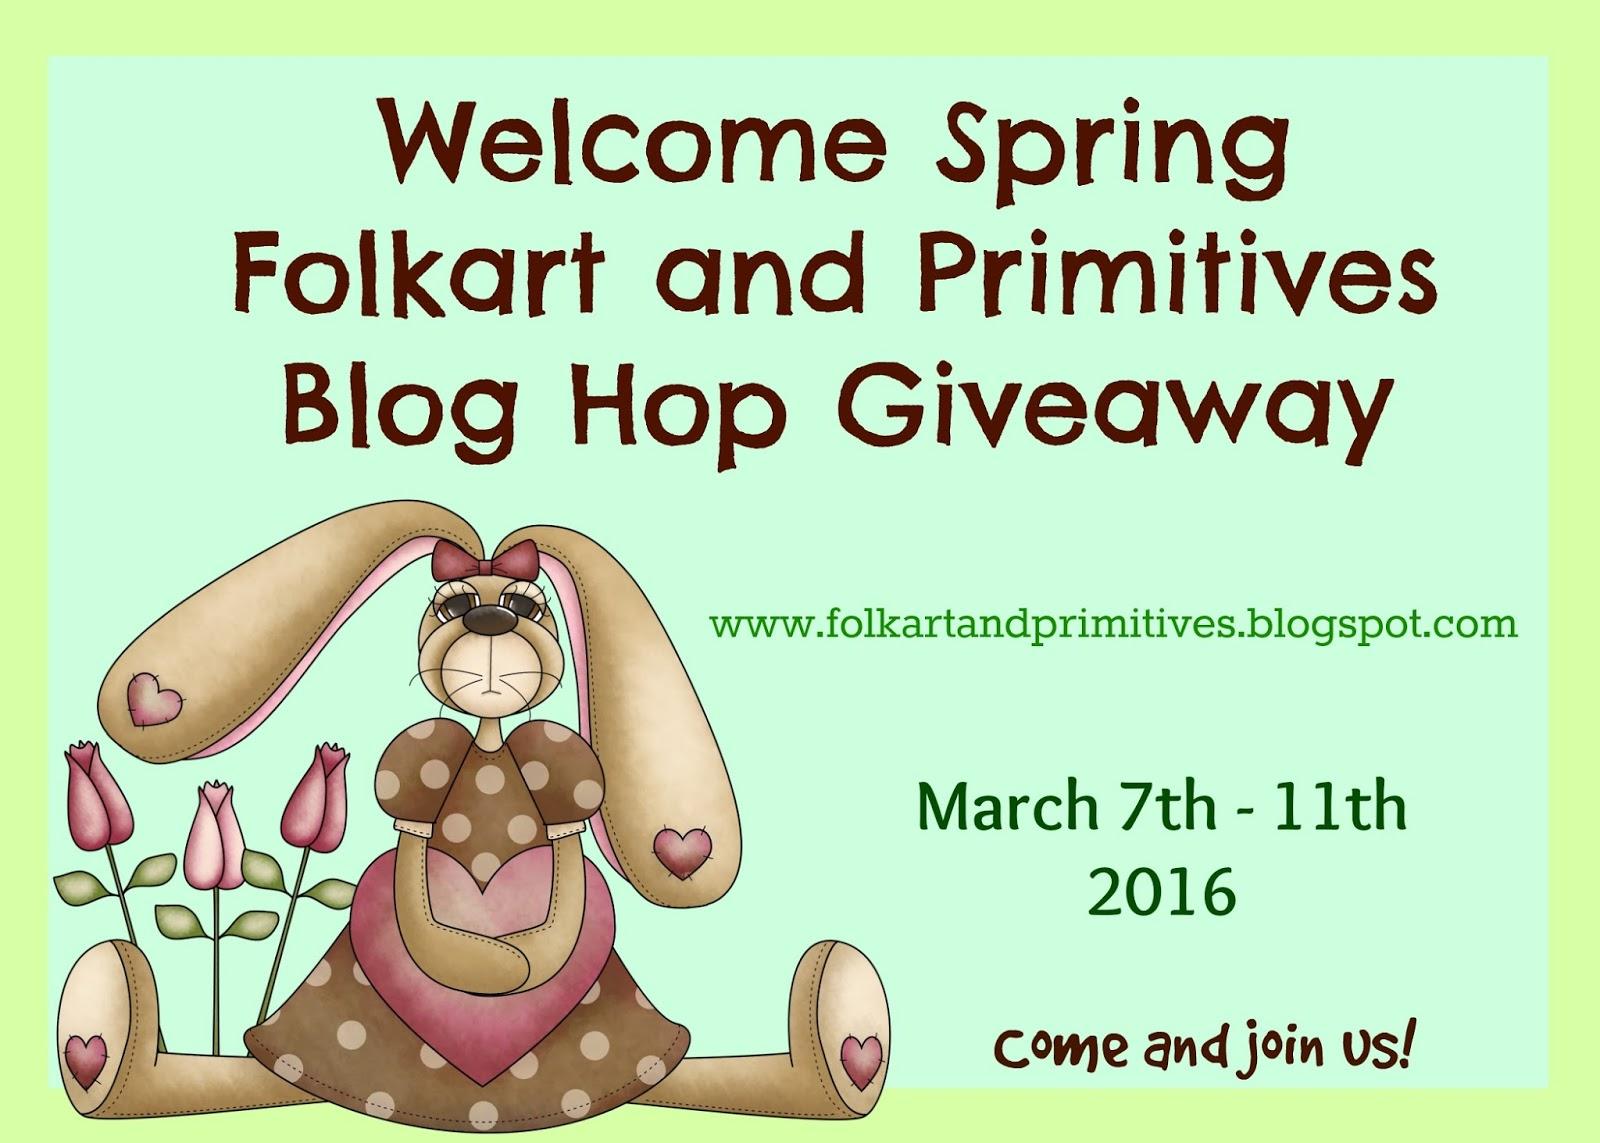 Folkart and Primitives Blog Hop Giveaway